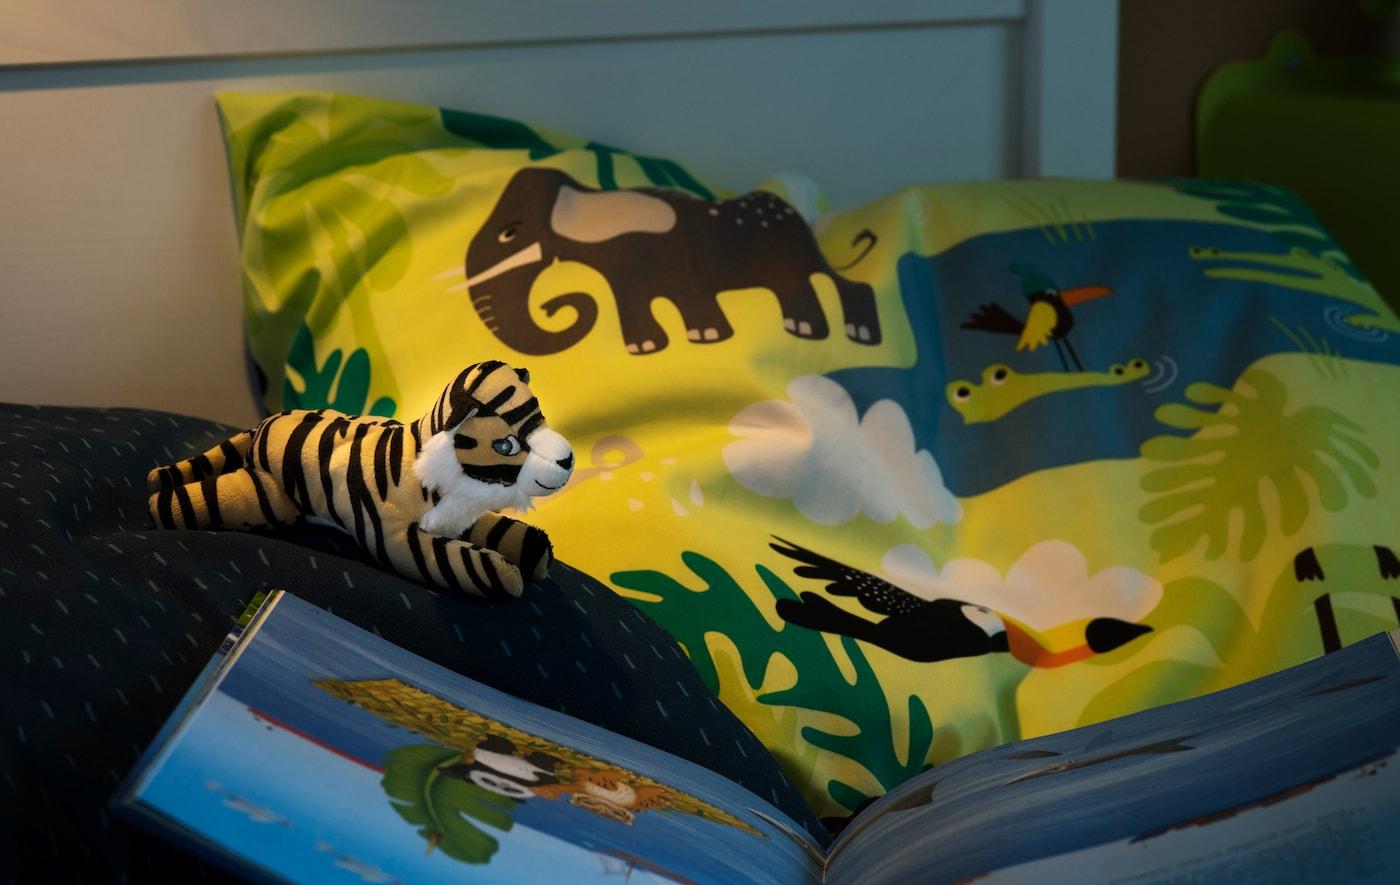 اجعل طفلك ينام براحة على أغطية سرير ناعمة مصنوعة من اللايوسل والقطن المستدام! جرب غطاء اللحاف وغطاء المخدة DJUNGELSKOG بطباعة الحيوانات.